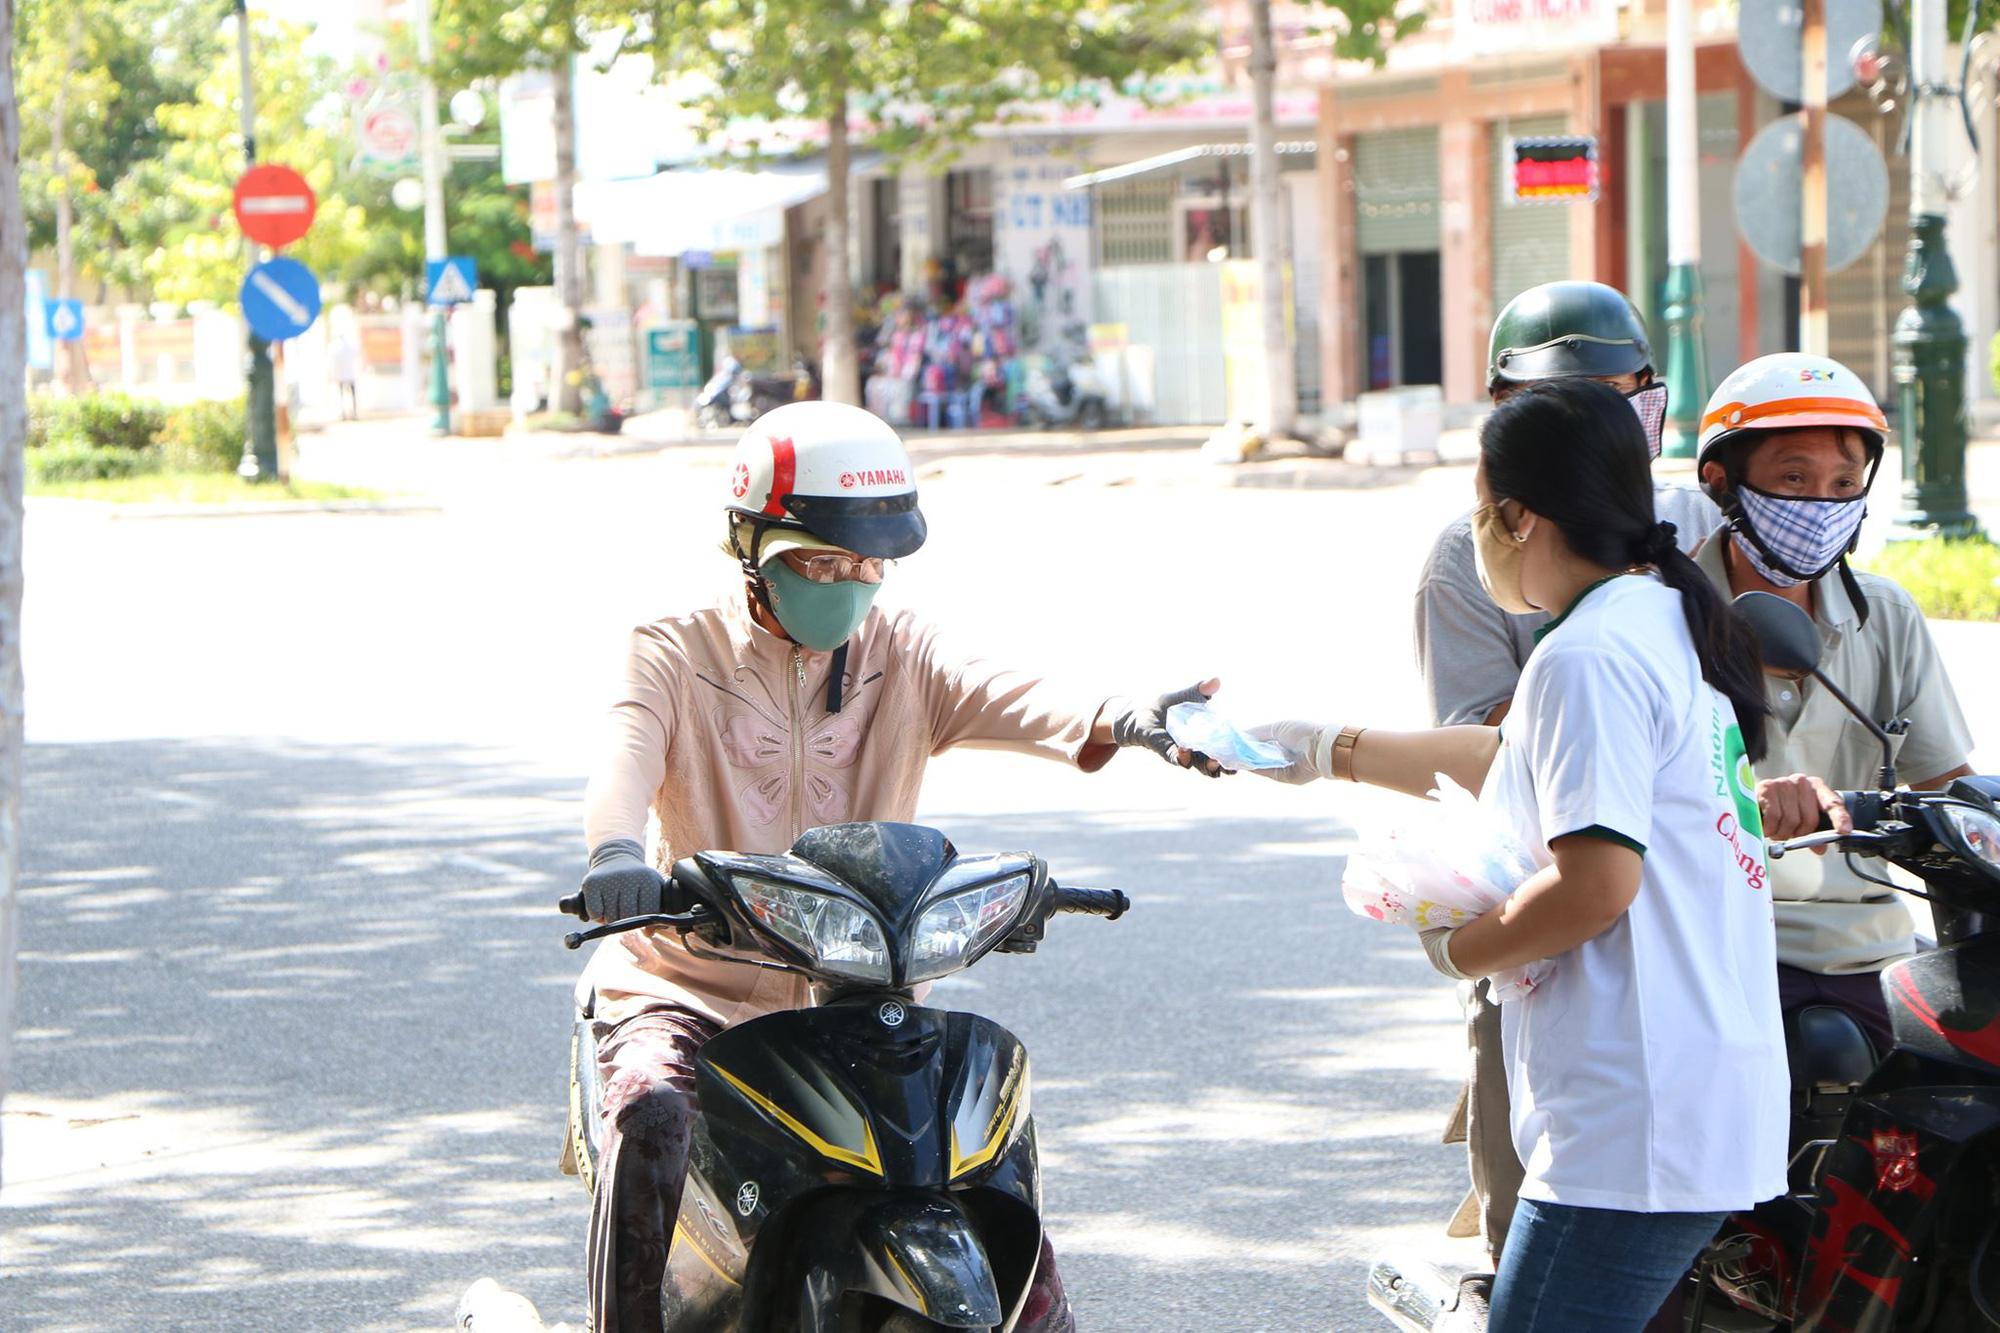 Ninh Thuận: Phát hàng trăm chiếc khẩu trang cho người dân đi đường - Ảnh 2.